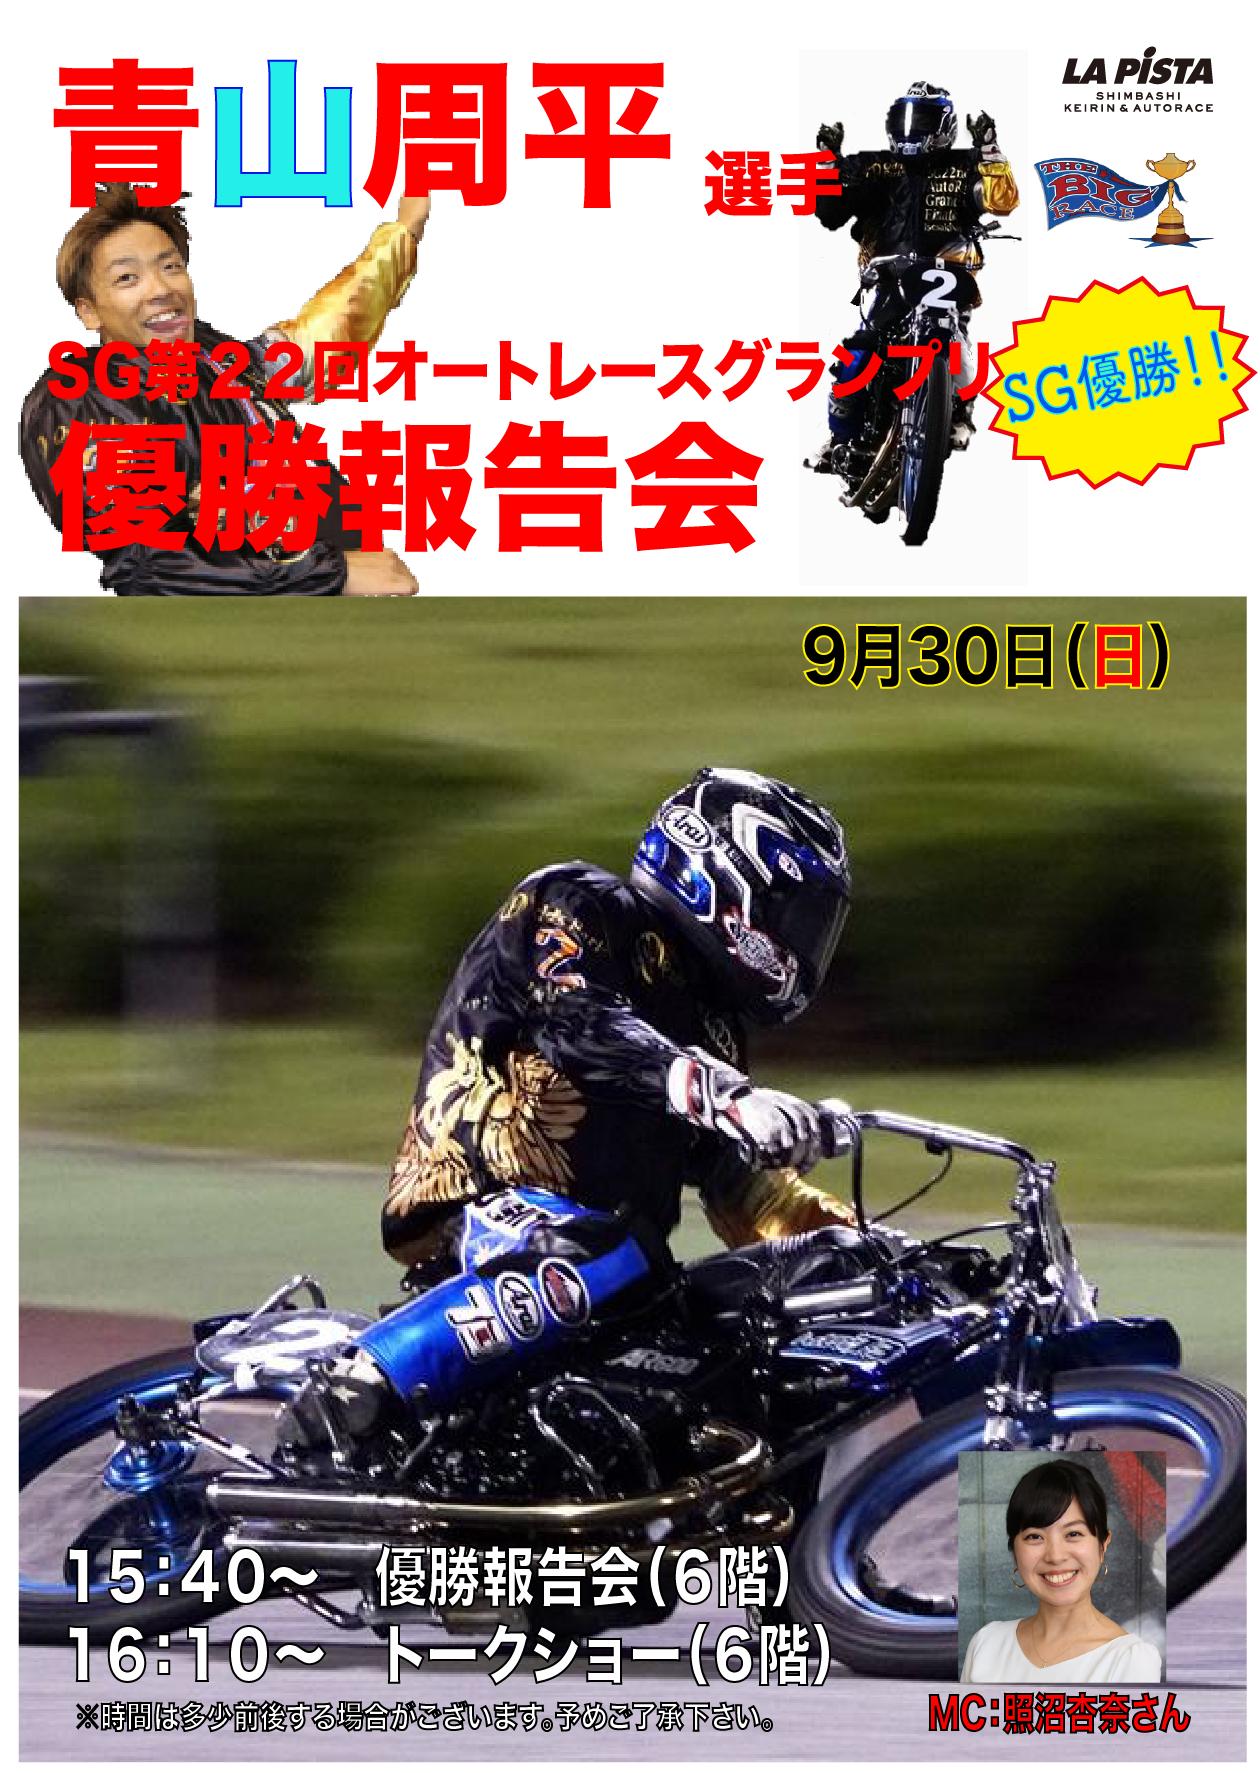 青山選手優勝報告会のポスターsono1.png